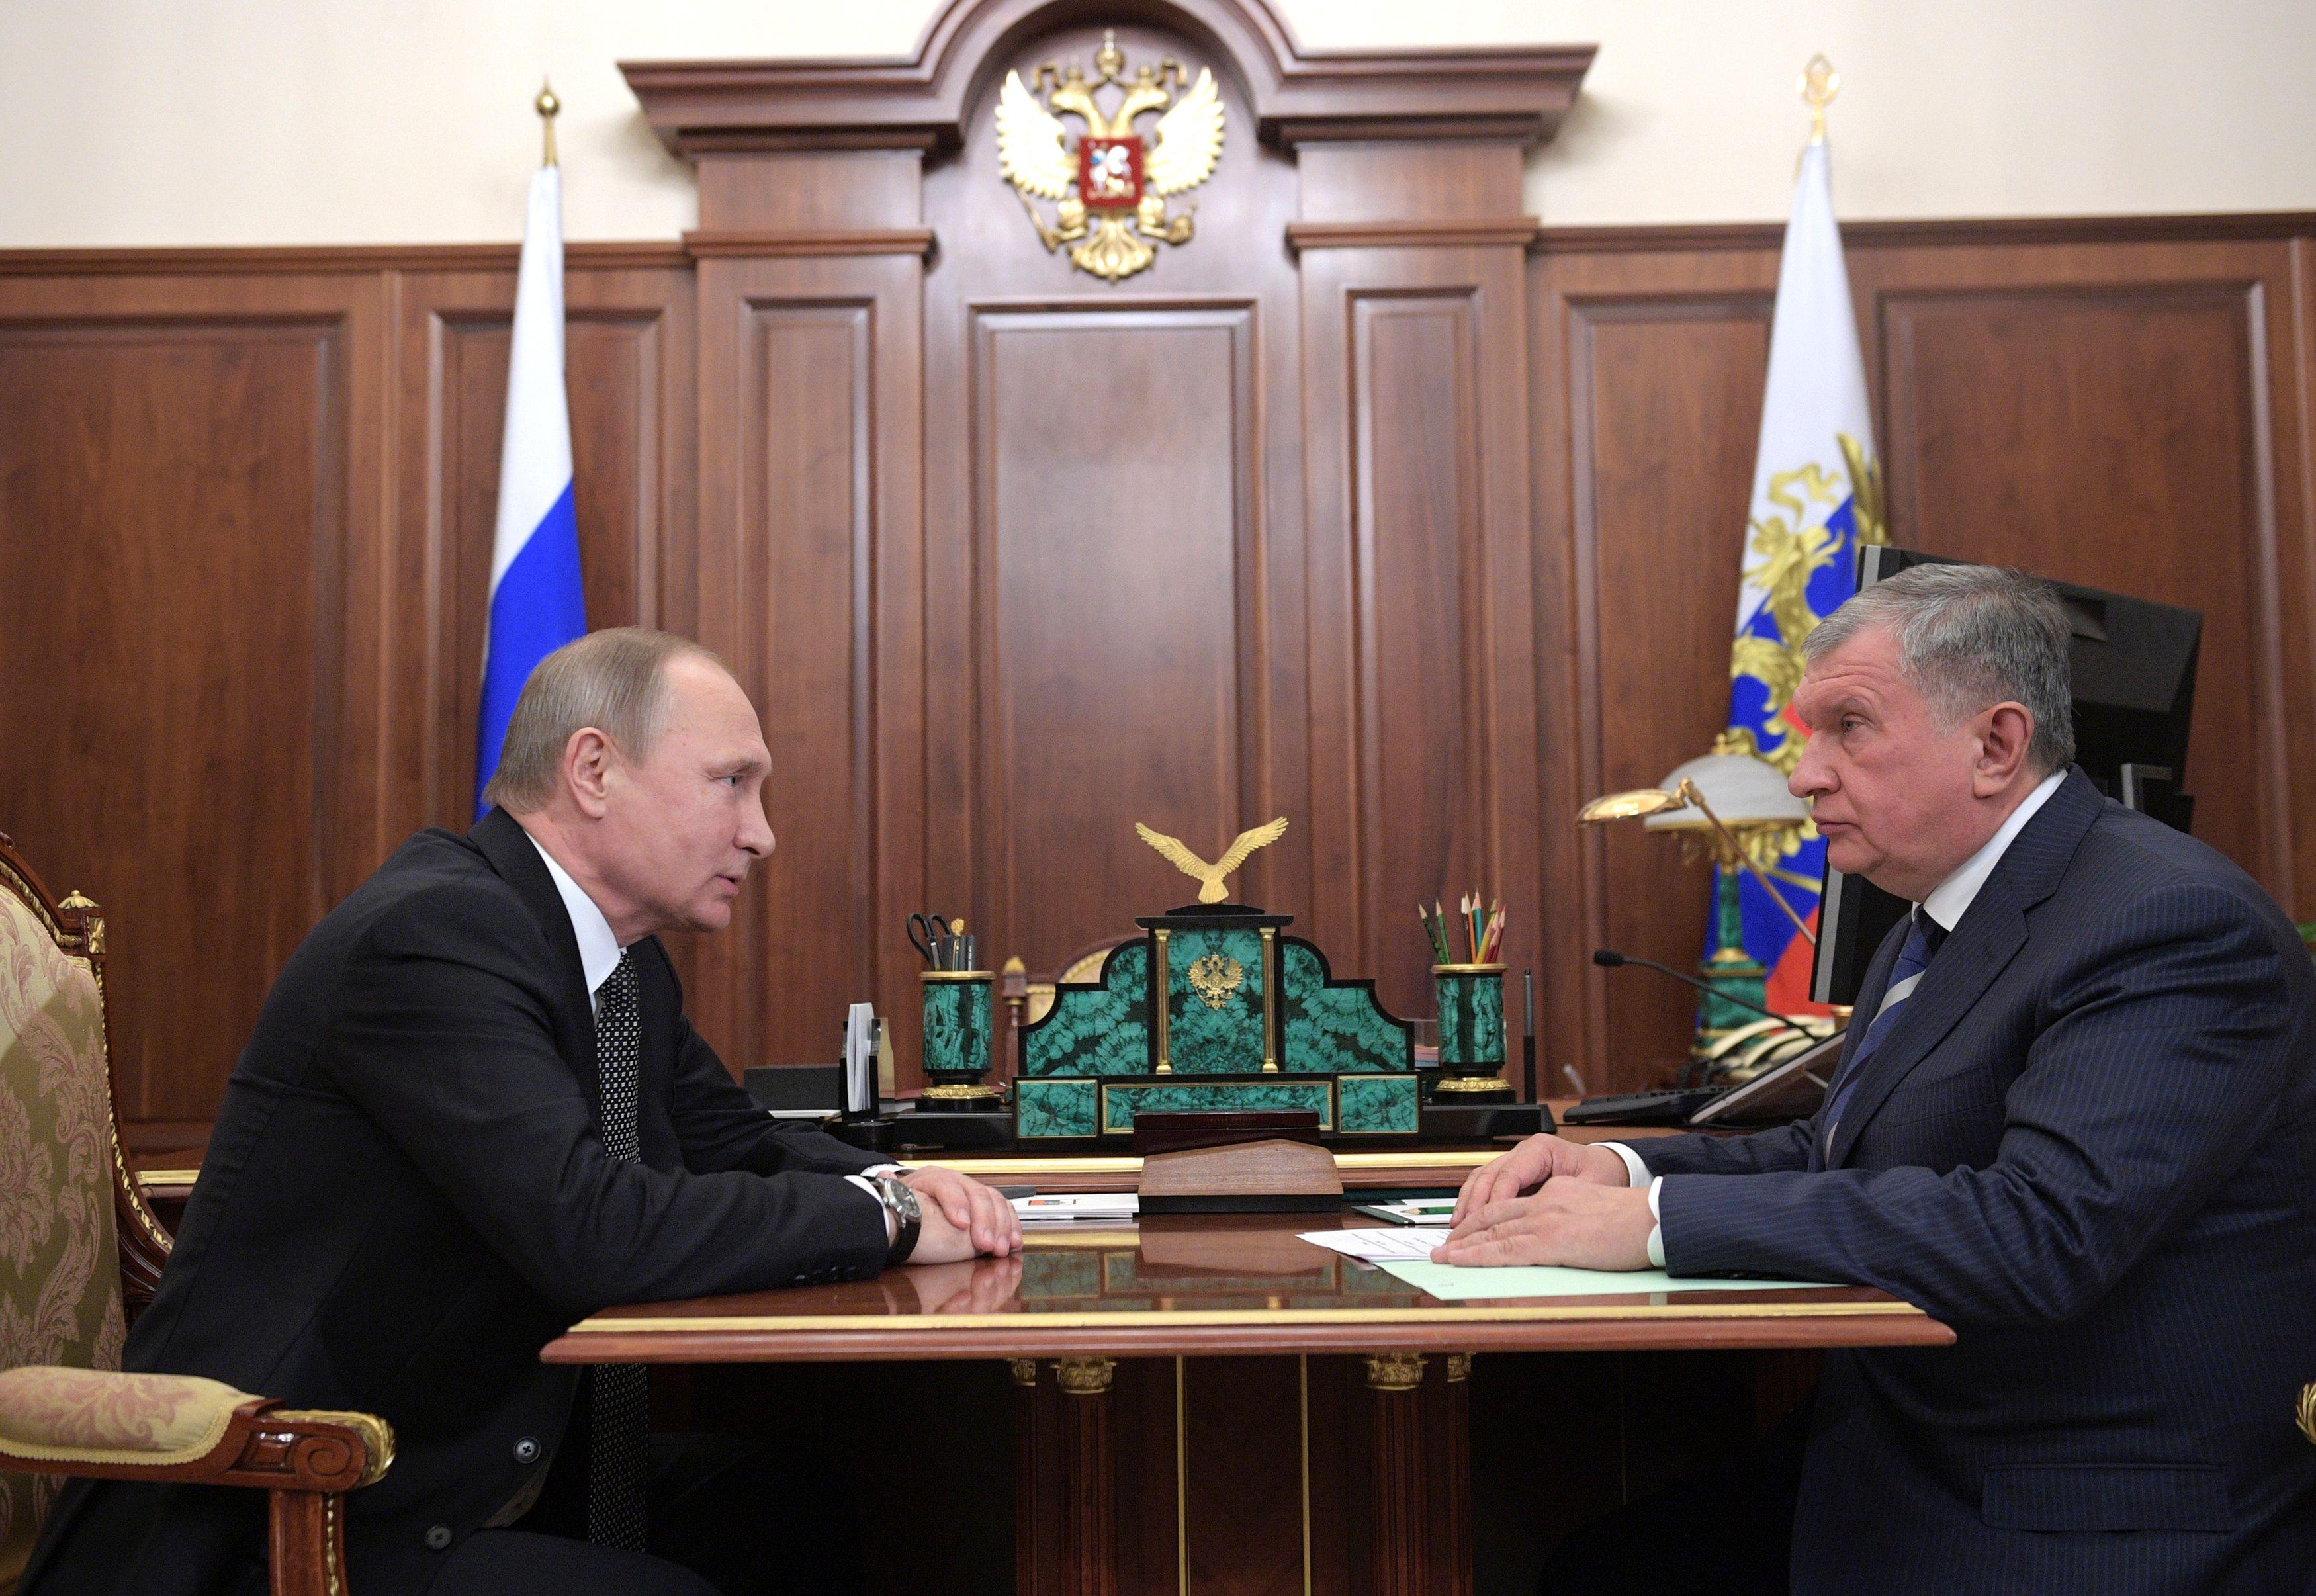 """Vakarų analitikai apie """"Rosneft"""" sandorį: Putino triumfas ir staigmena rinkai"""